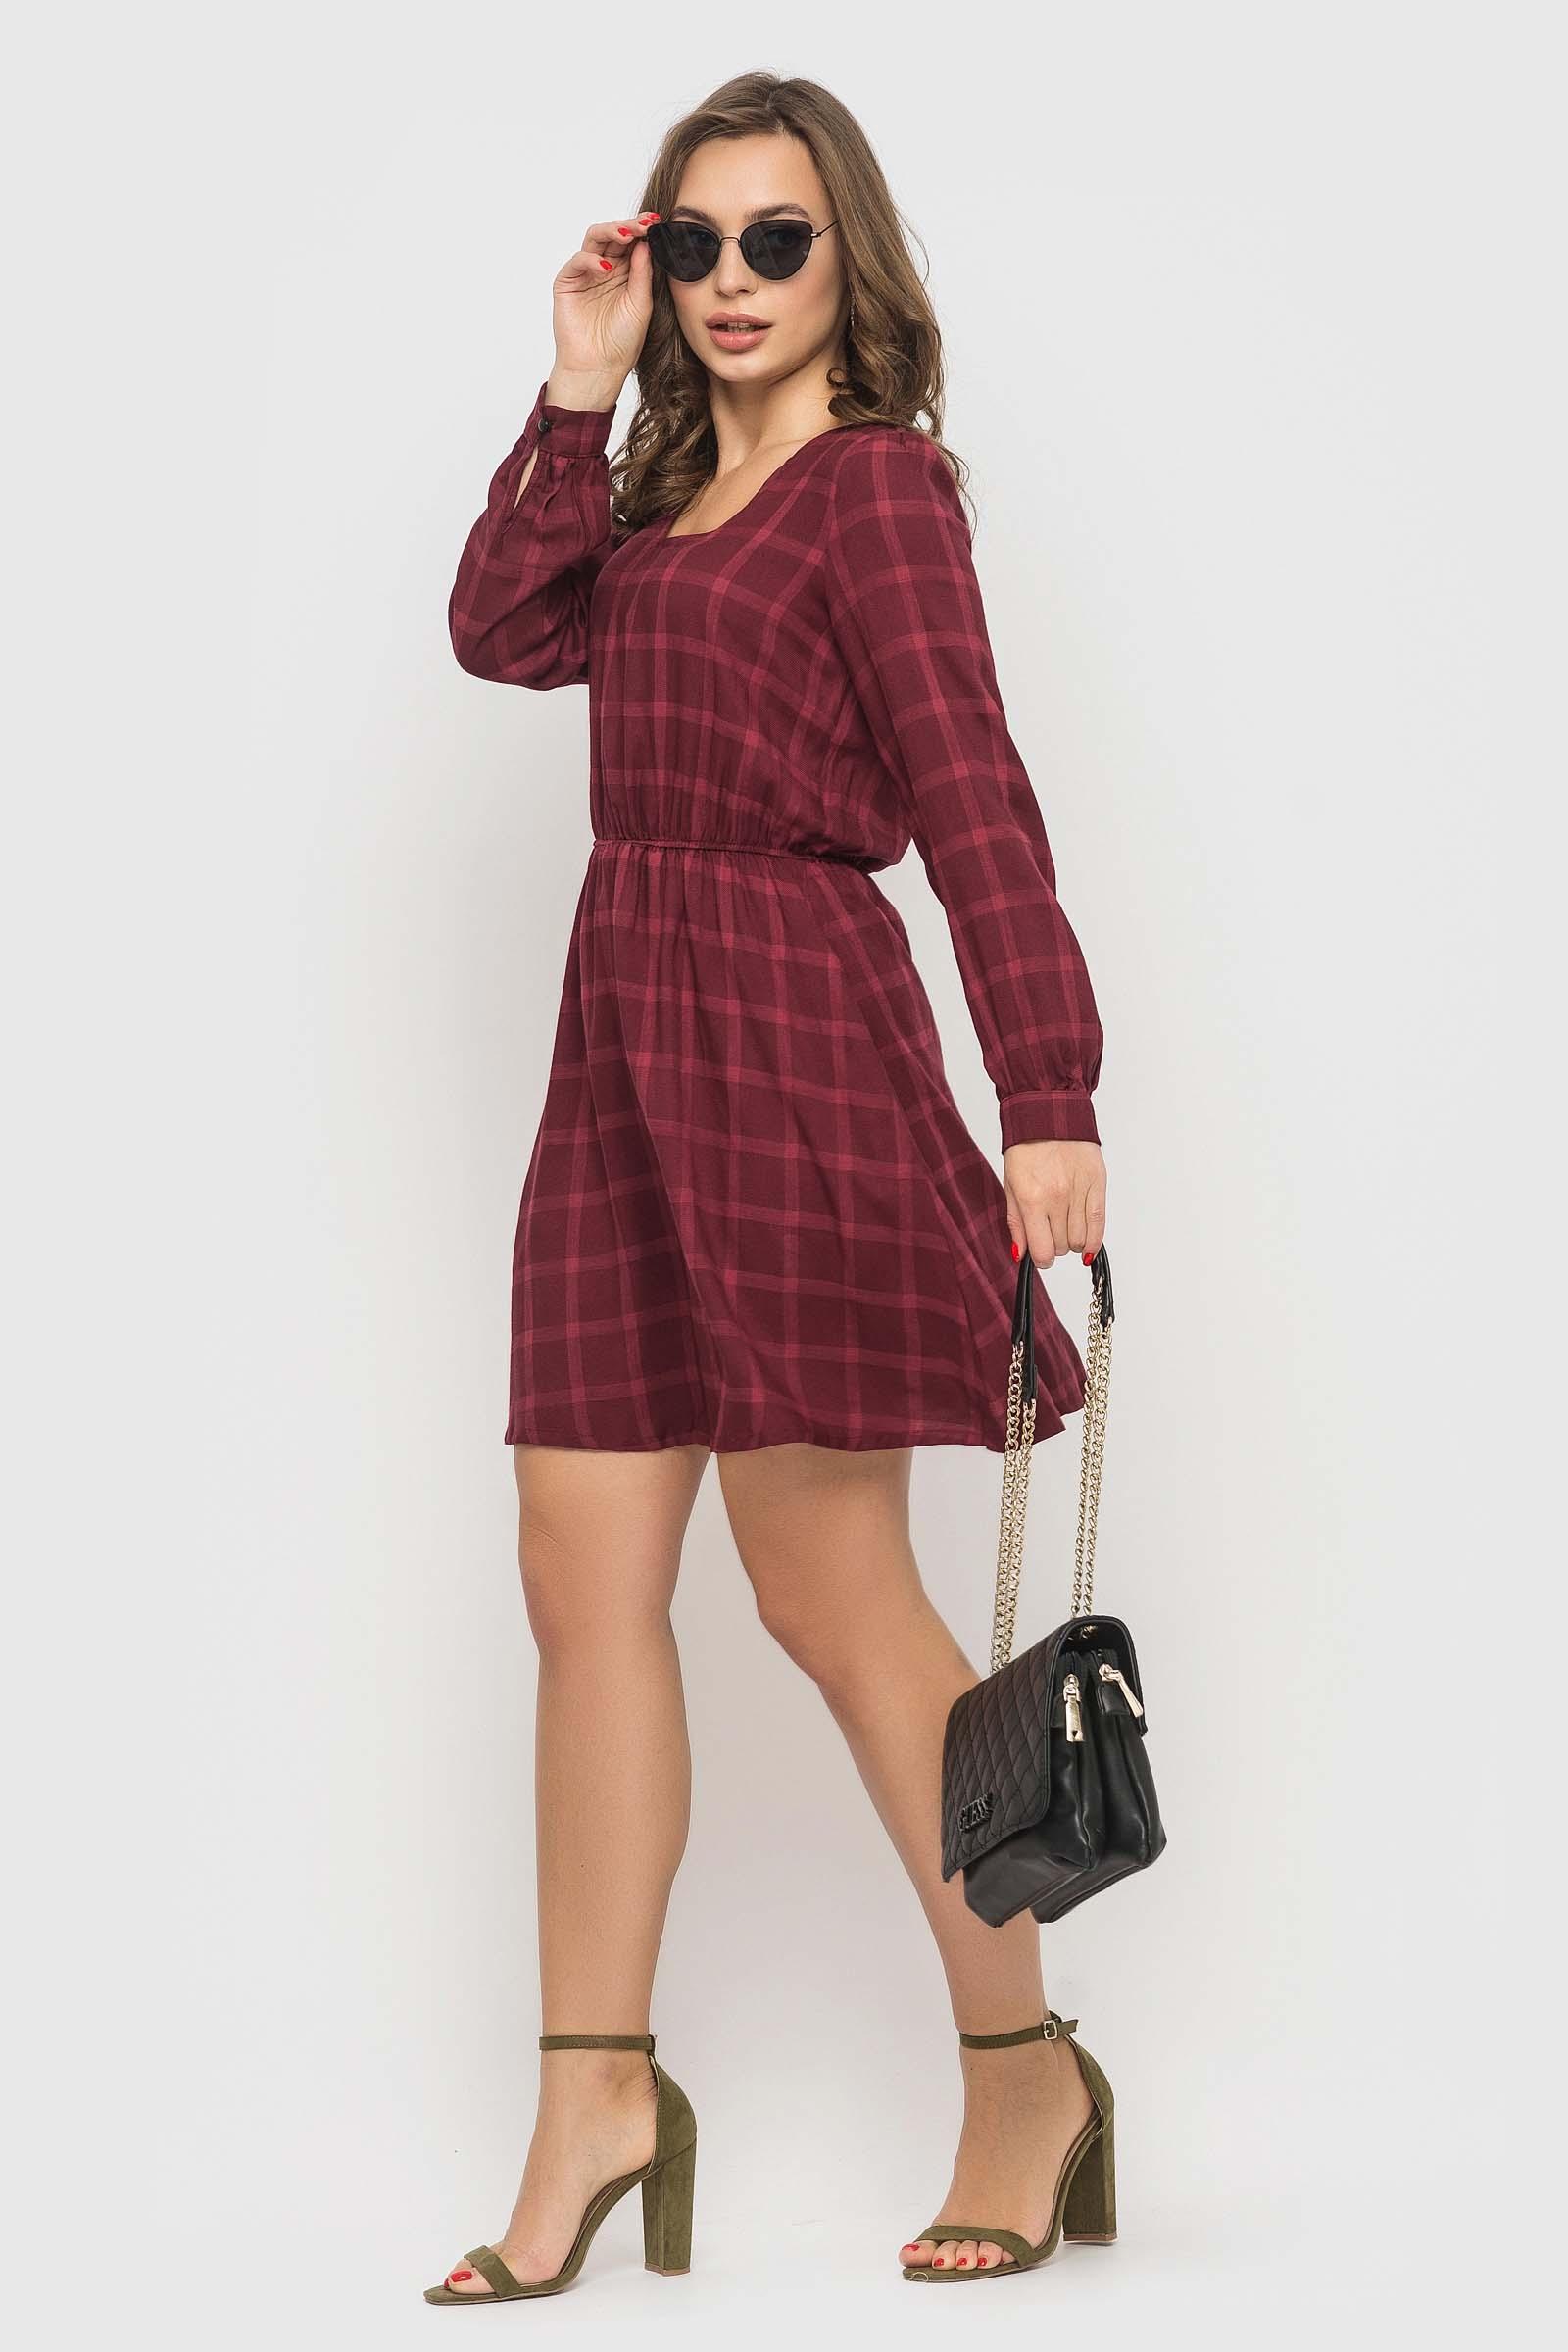 be art 2020 04 07183013 Купить платье